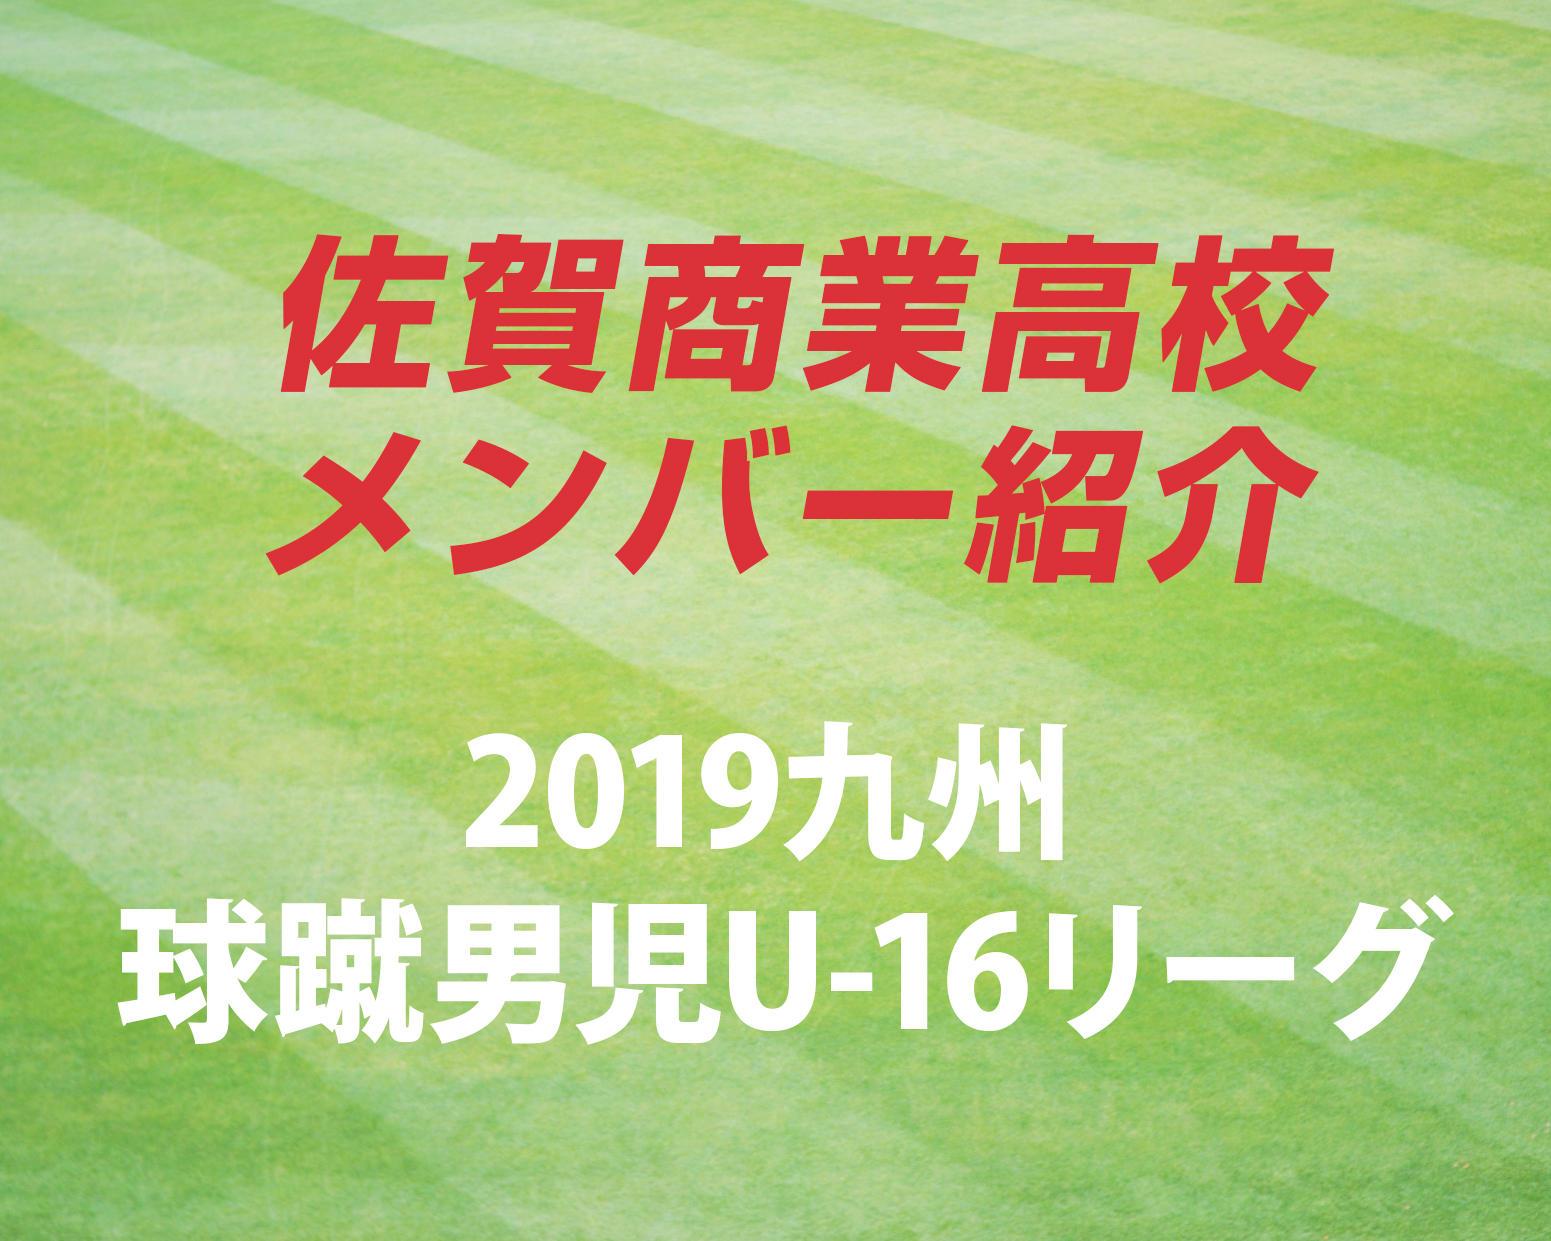 佐賀の強豪・佐賀商業高校サッカー部のメンバー紹介!(2019 球蹴男児U-16  D2リーグ)